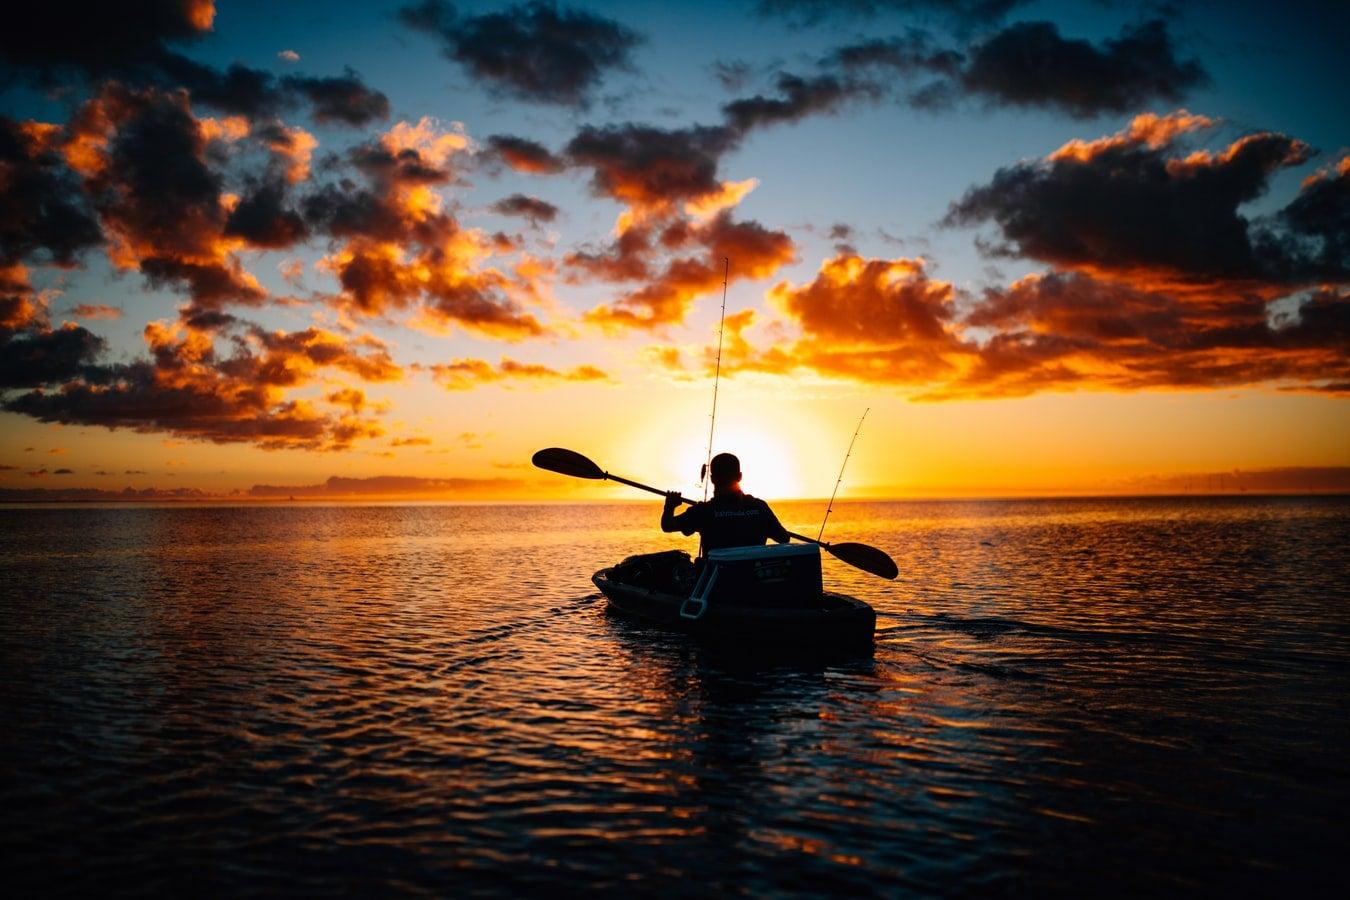 An angler paddles a kayak at dawn on a lake.